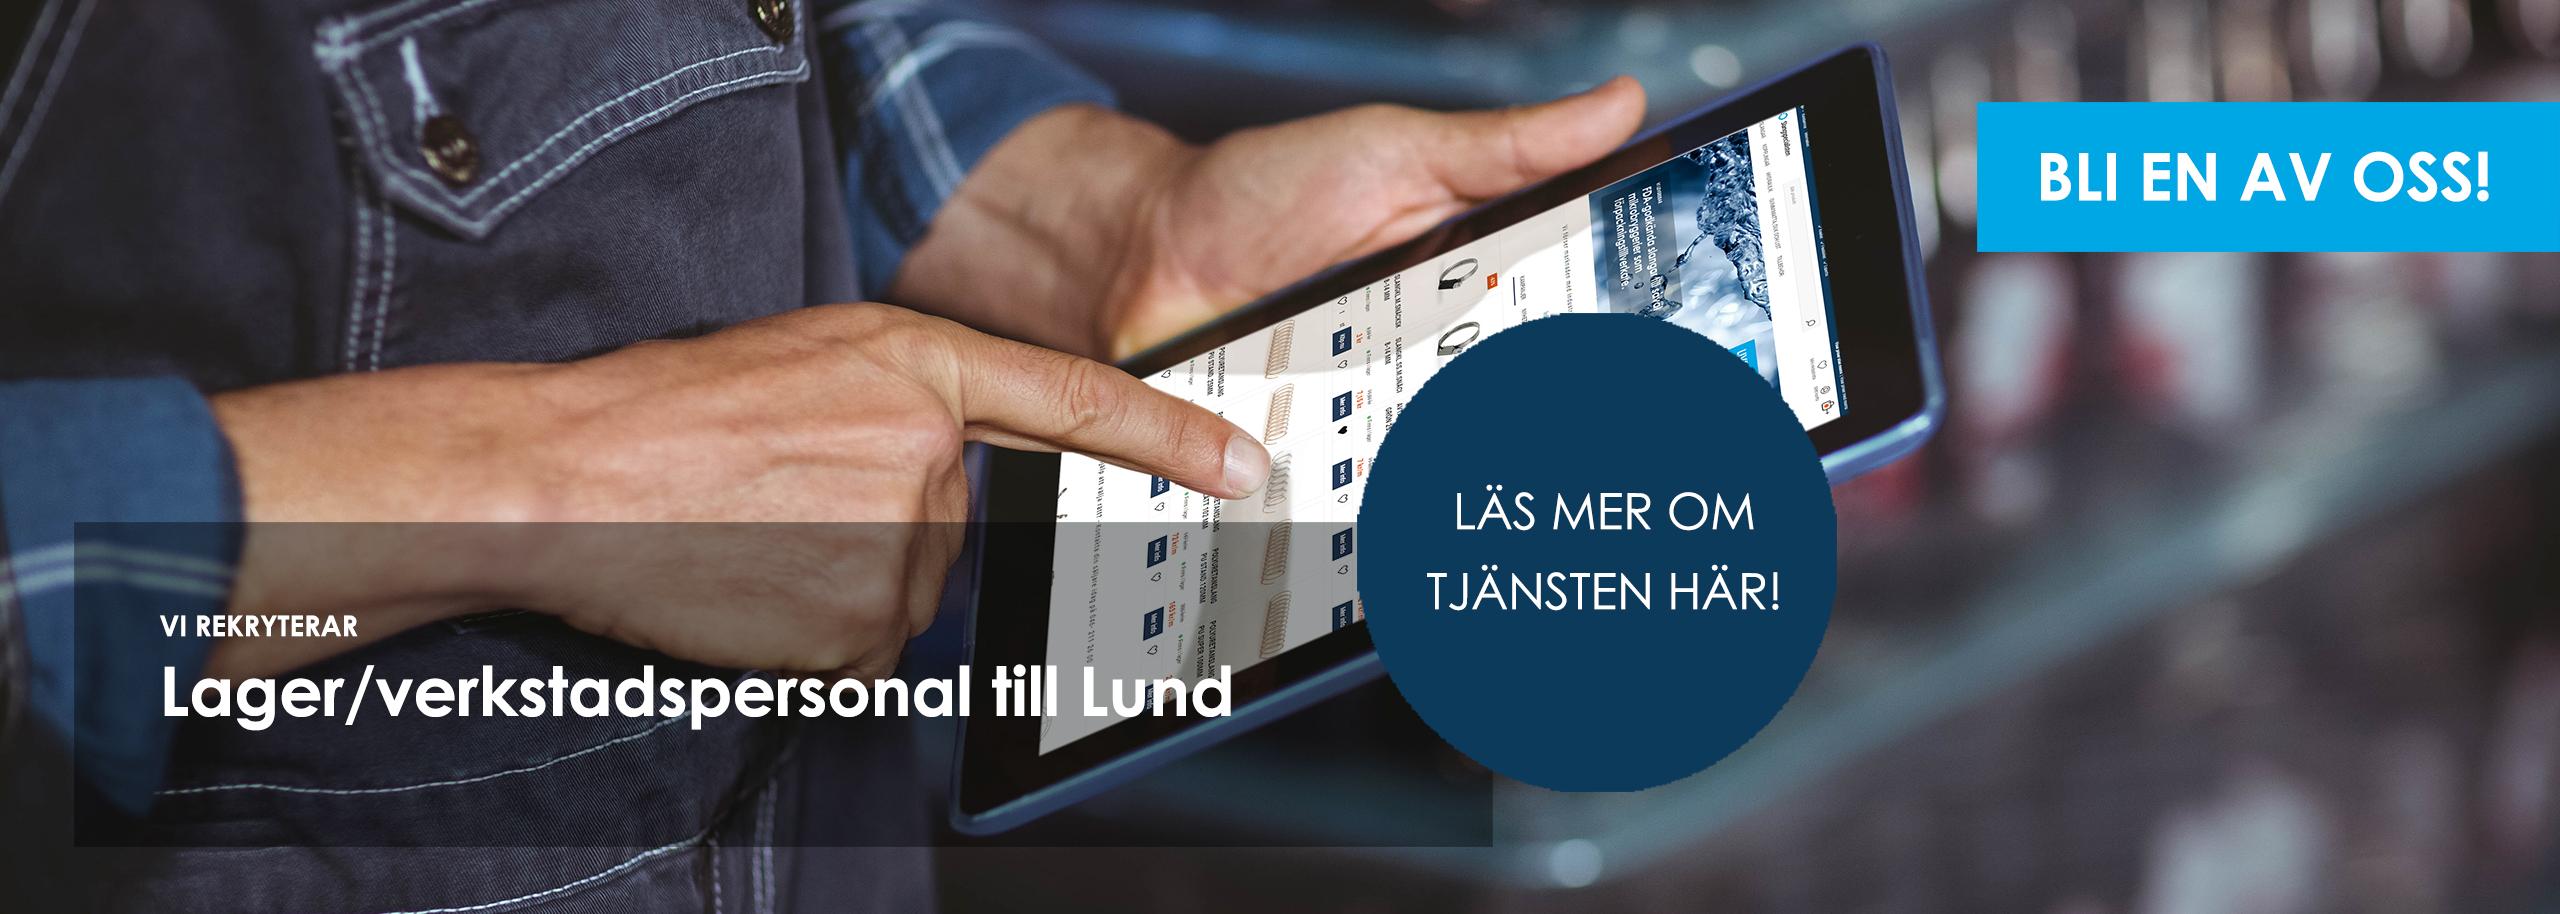 https://slangspecialisten.se/image/2748/Bli-en-av-oss_lager_verkstad_webb.jpg